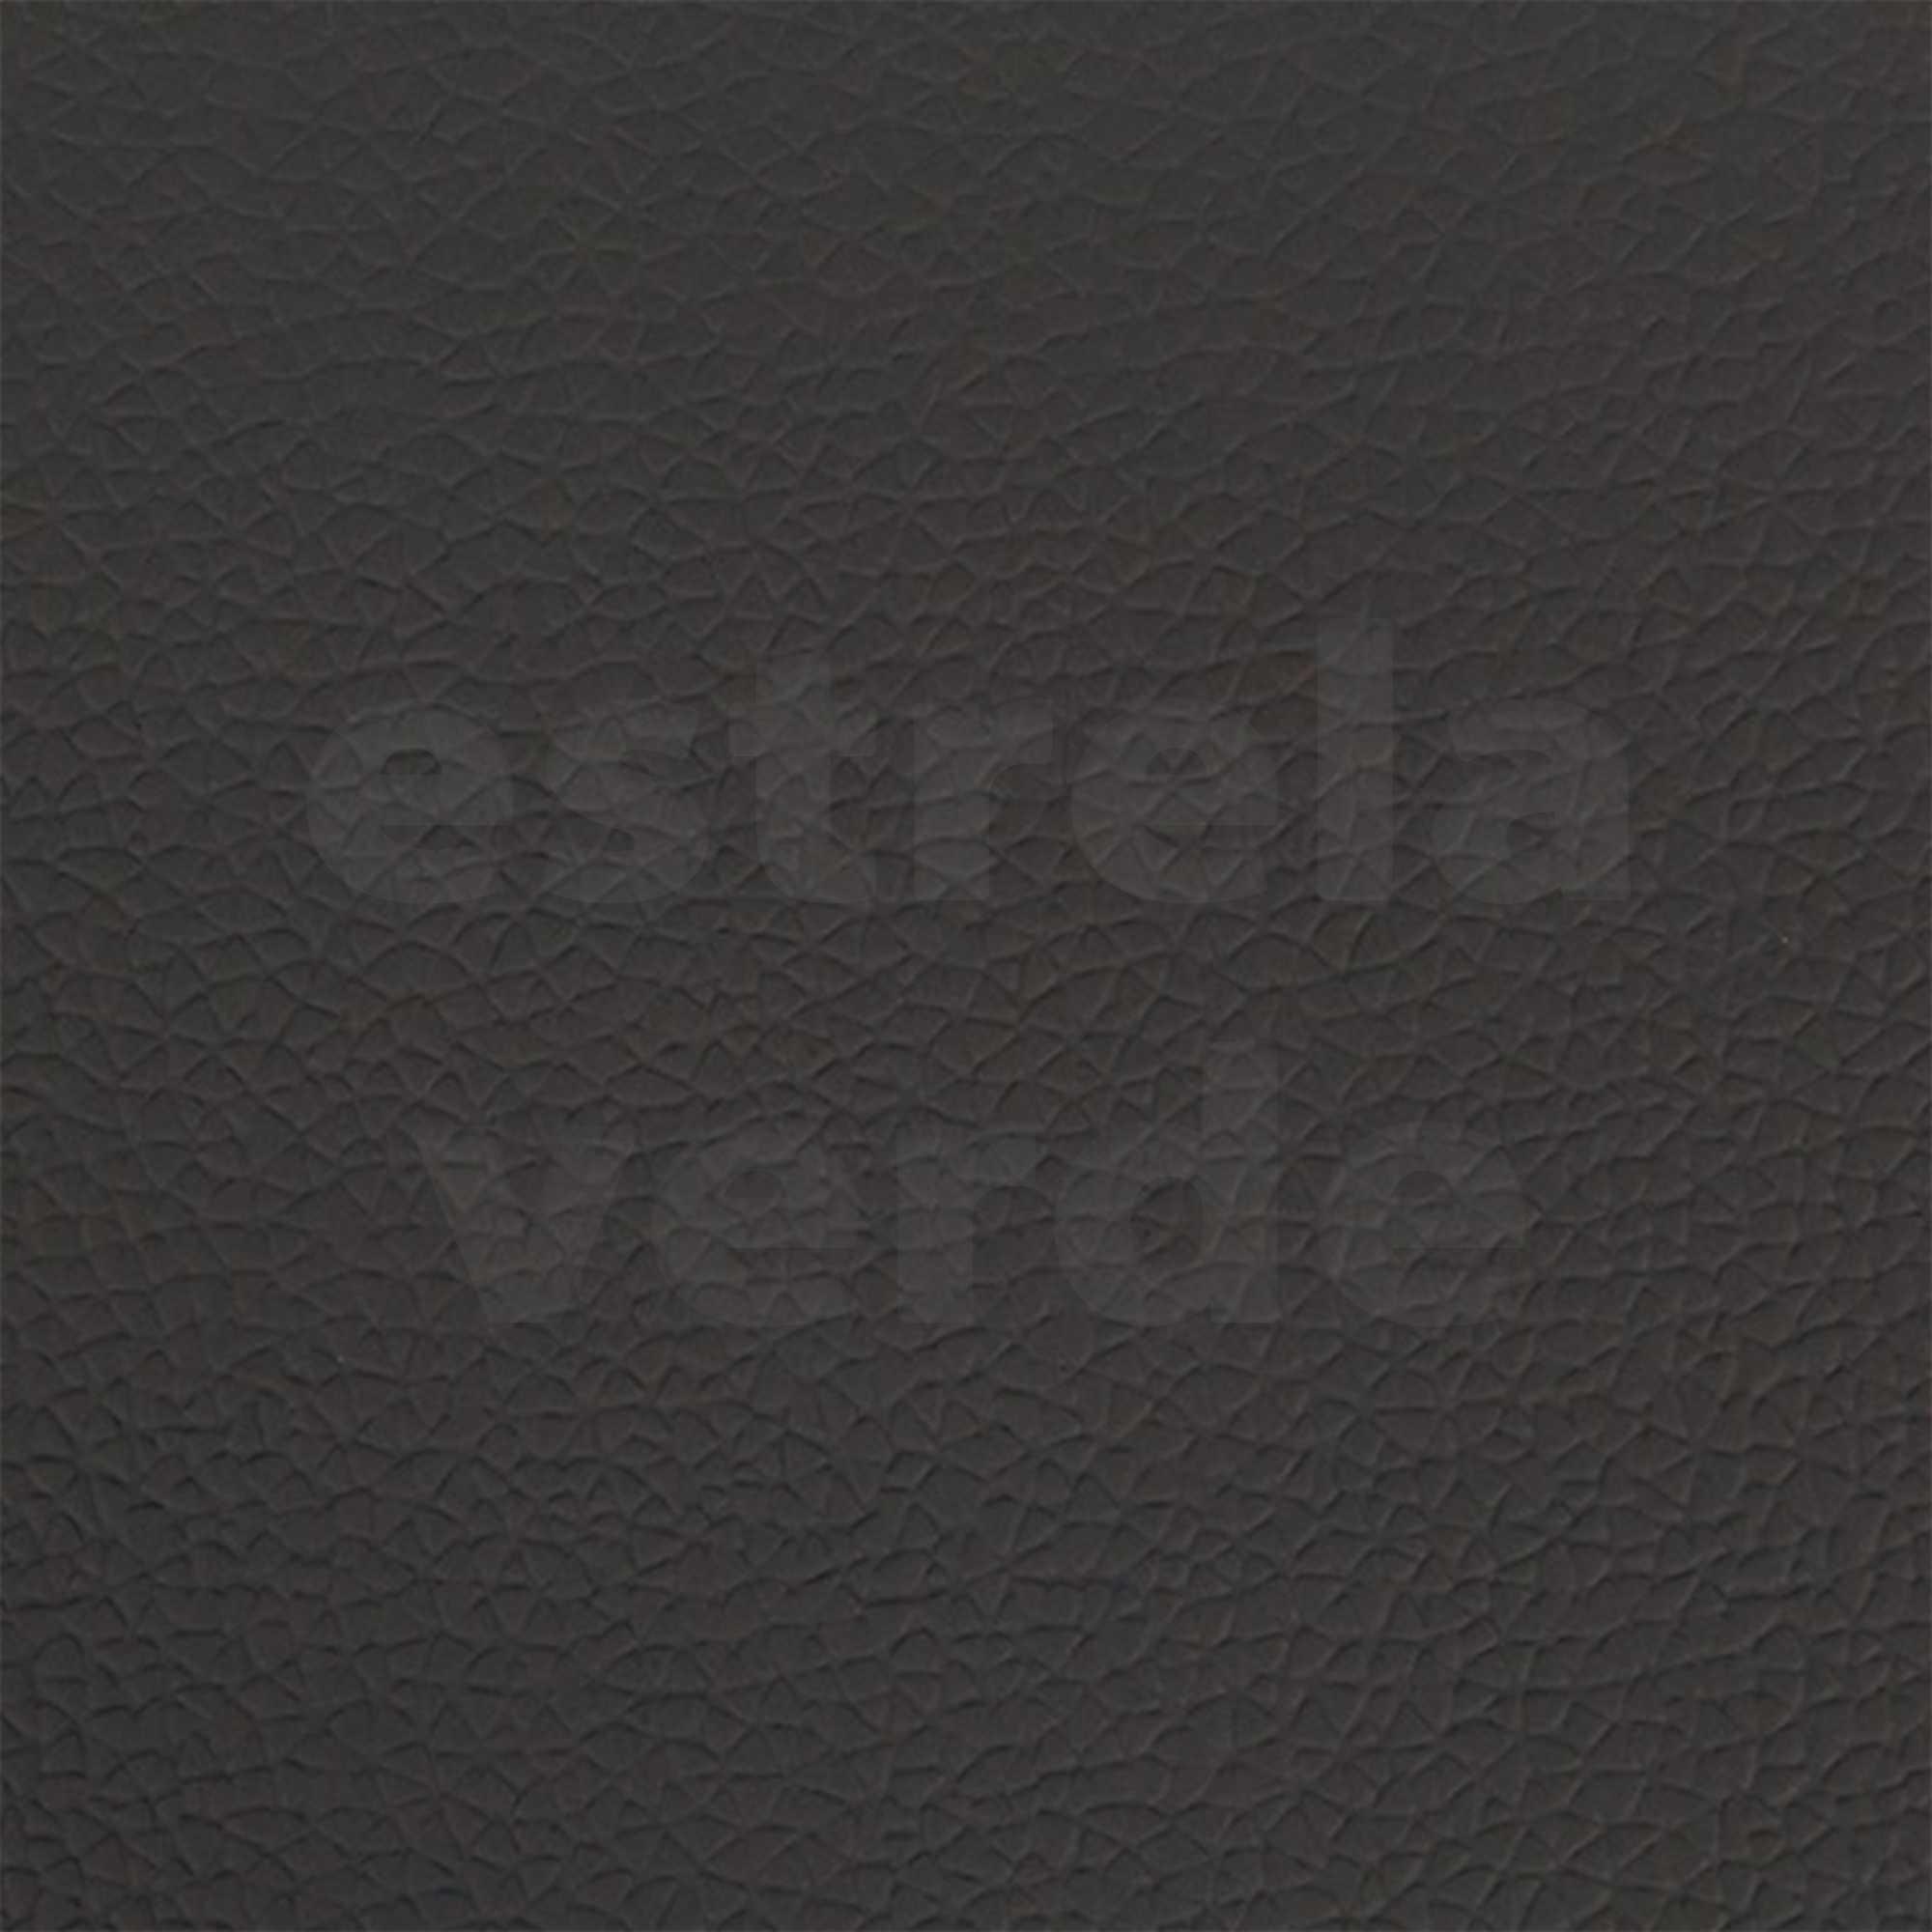 COURVIN AUTO 1.0 CN CINZA R078 DESCONTINUADO  - Estrela Verde